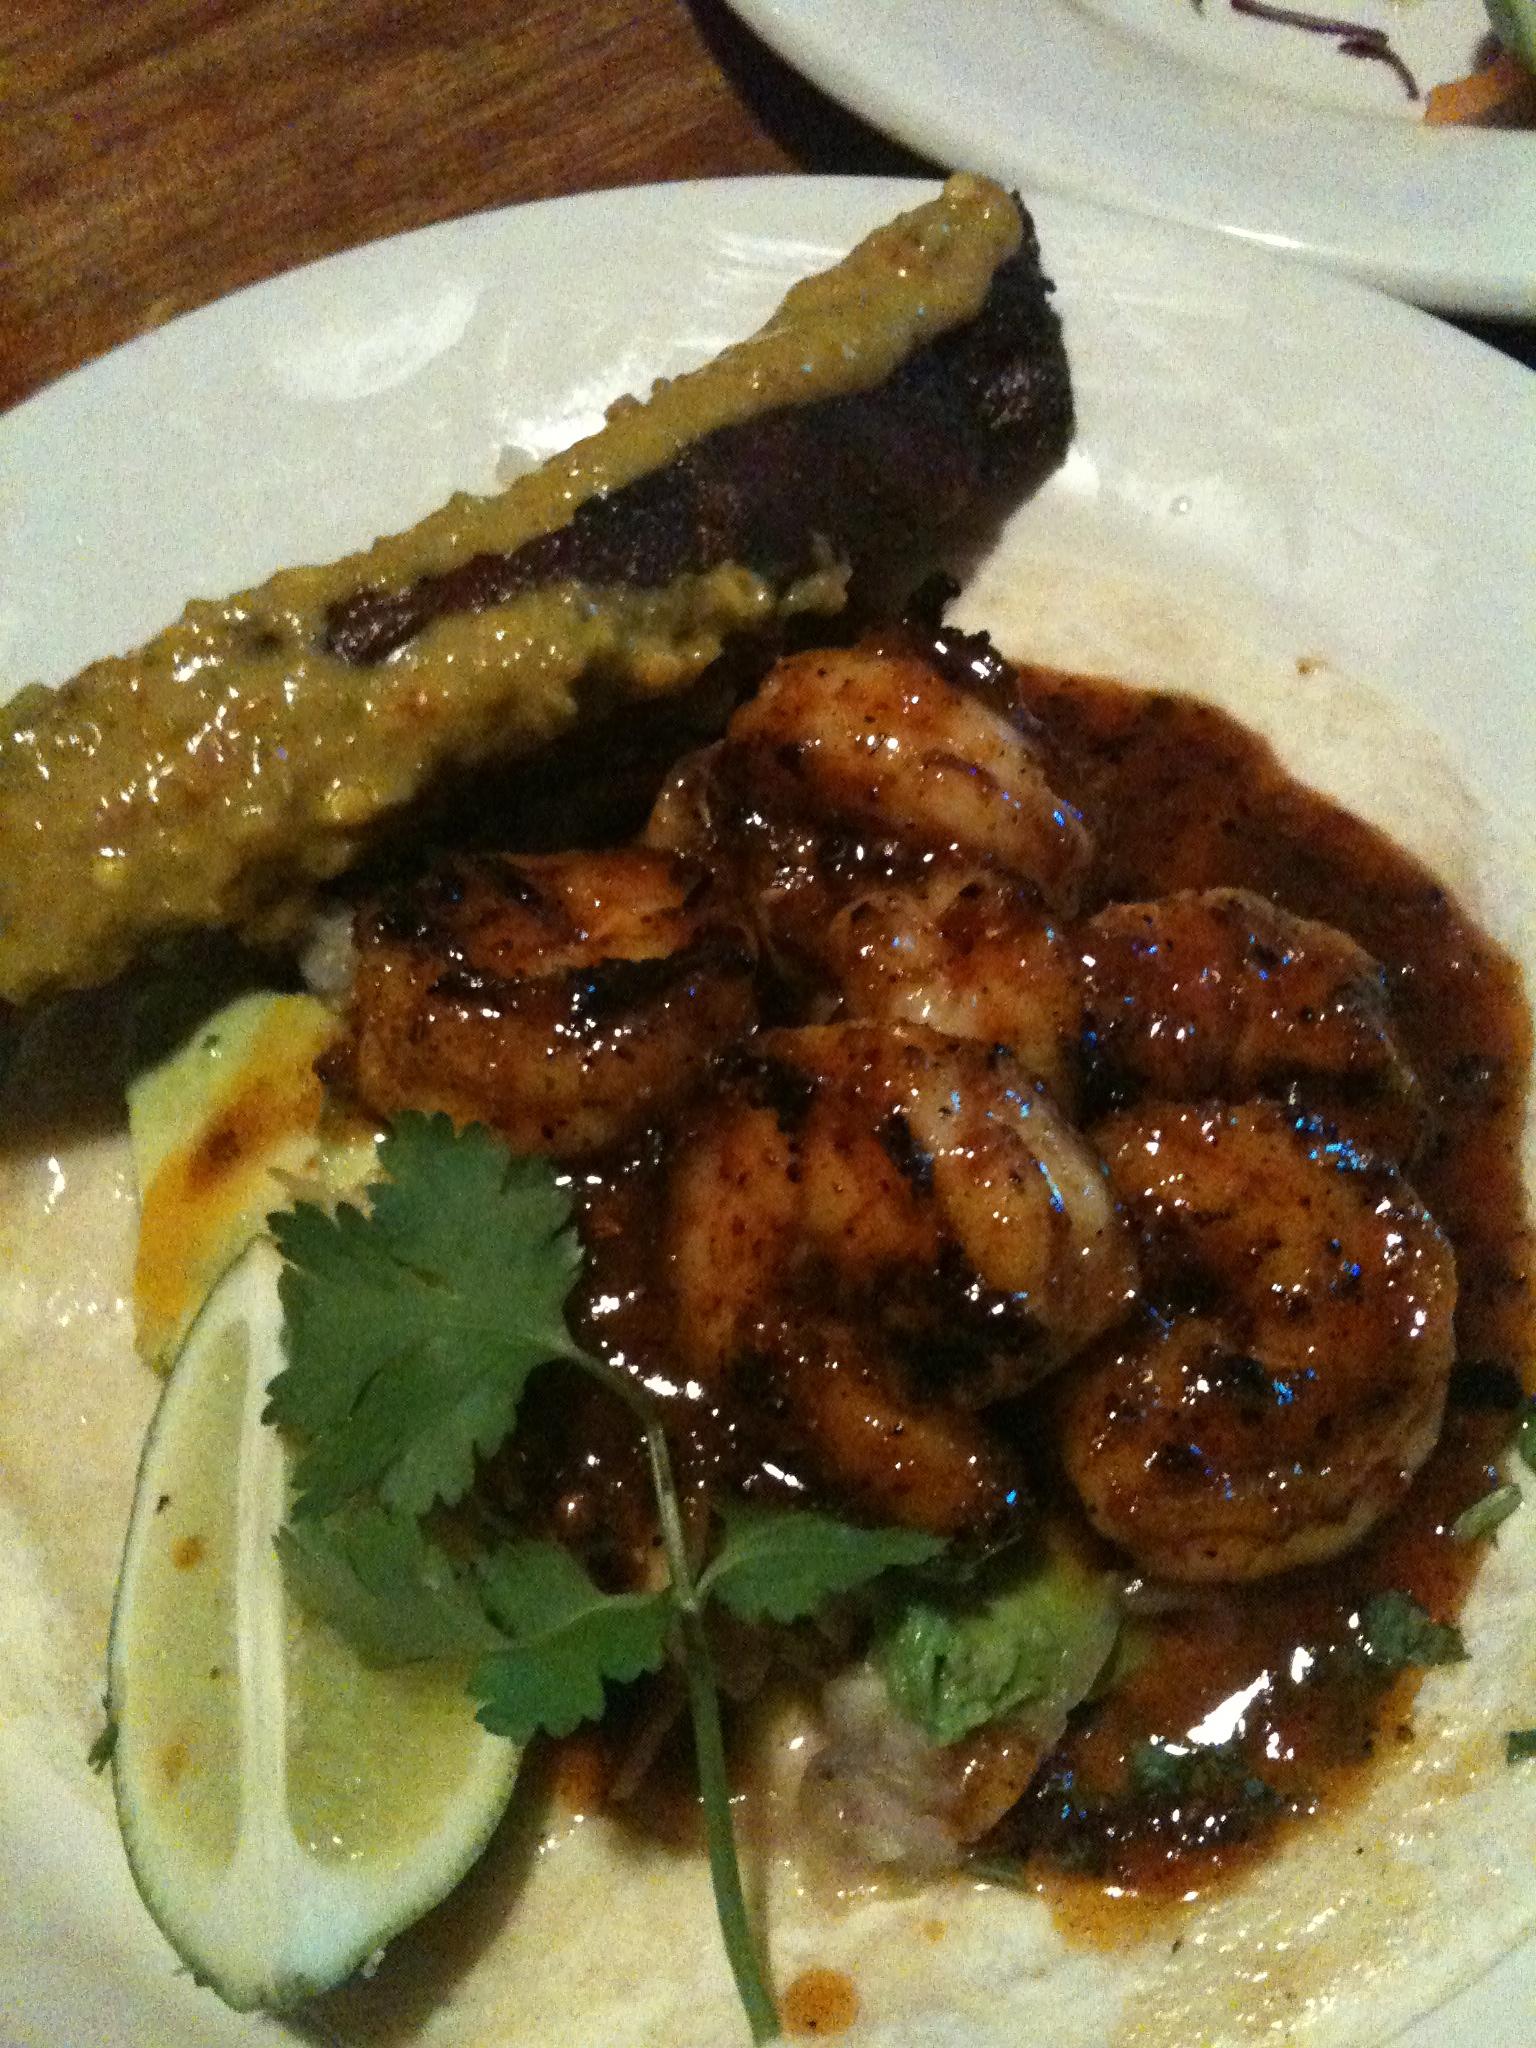 East Coast Grill -  Cambridge, MA :: Shrimp taco from the East Coast Grill was no shrimp... I got 2 of them!